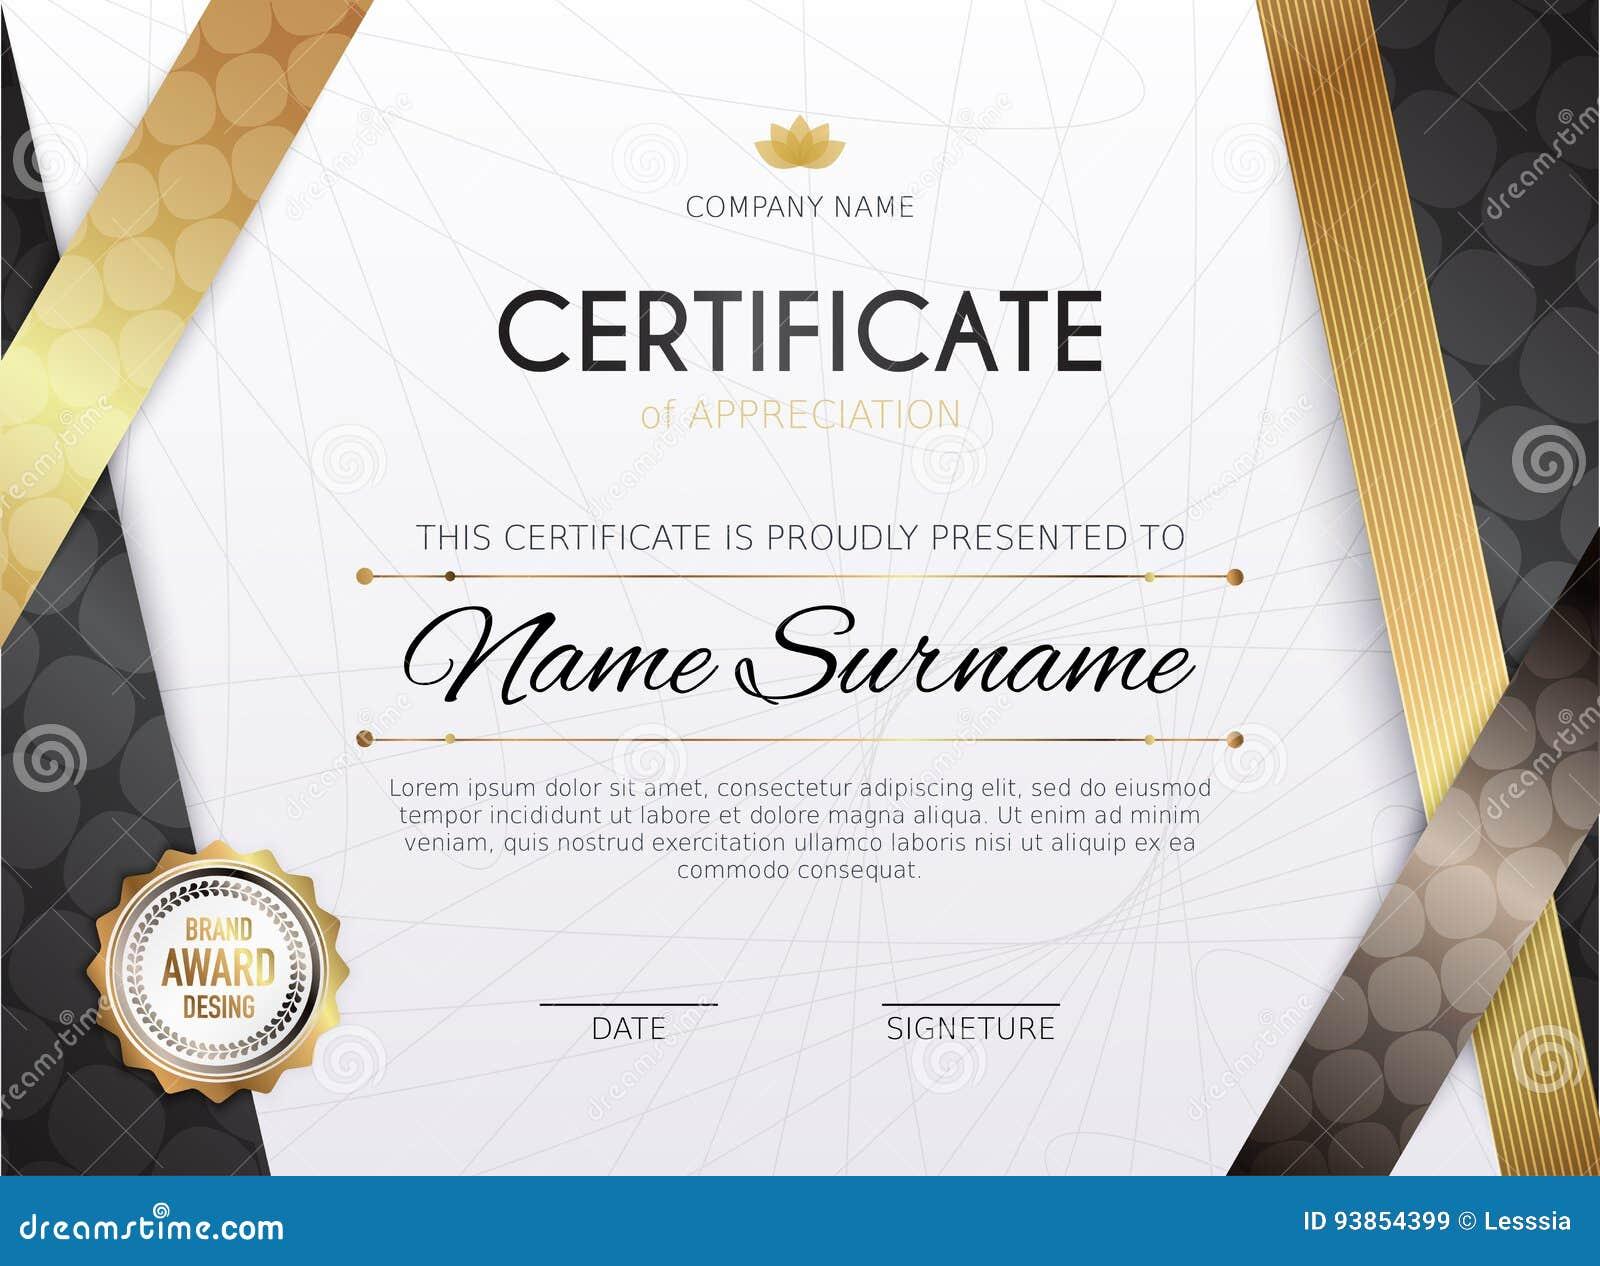 valedictorian award certificate template